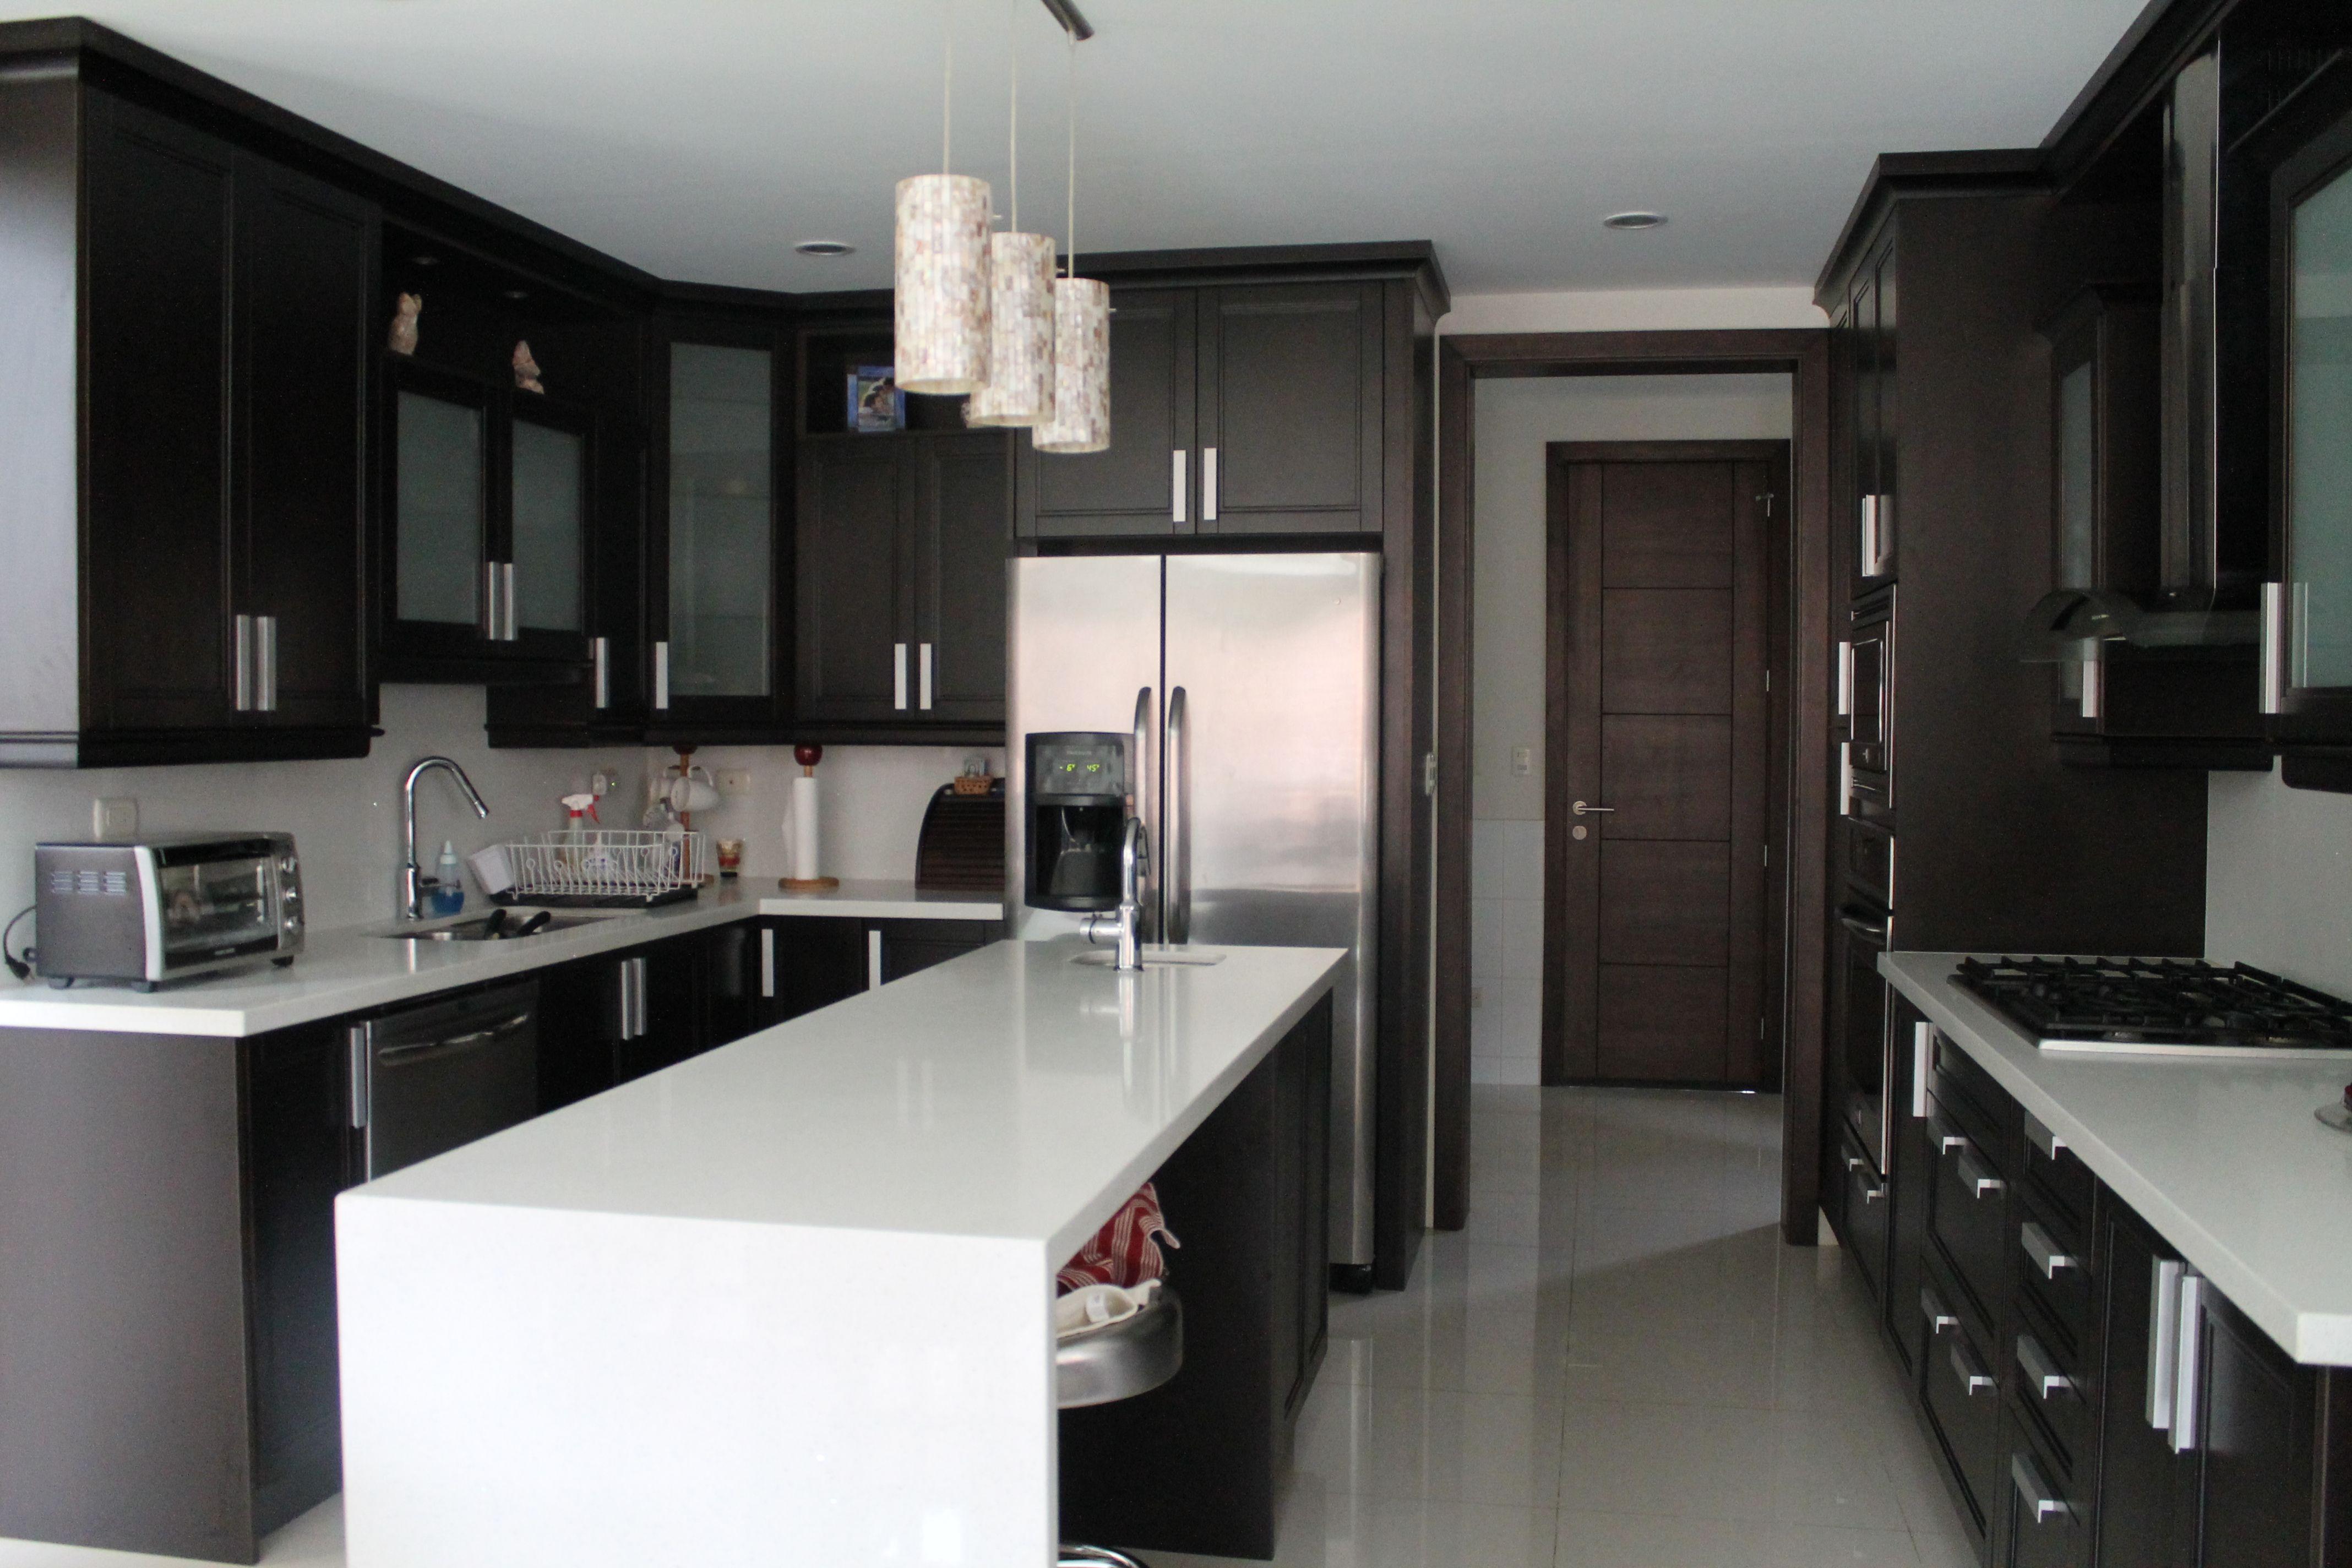 Muebles de cocina con cuarzo rojo ideas interesantes para dise ar los ltimos - Gelse cocinas ...